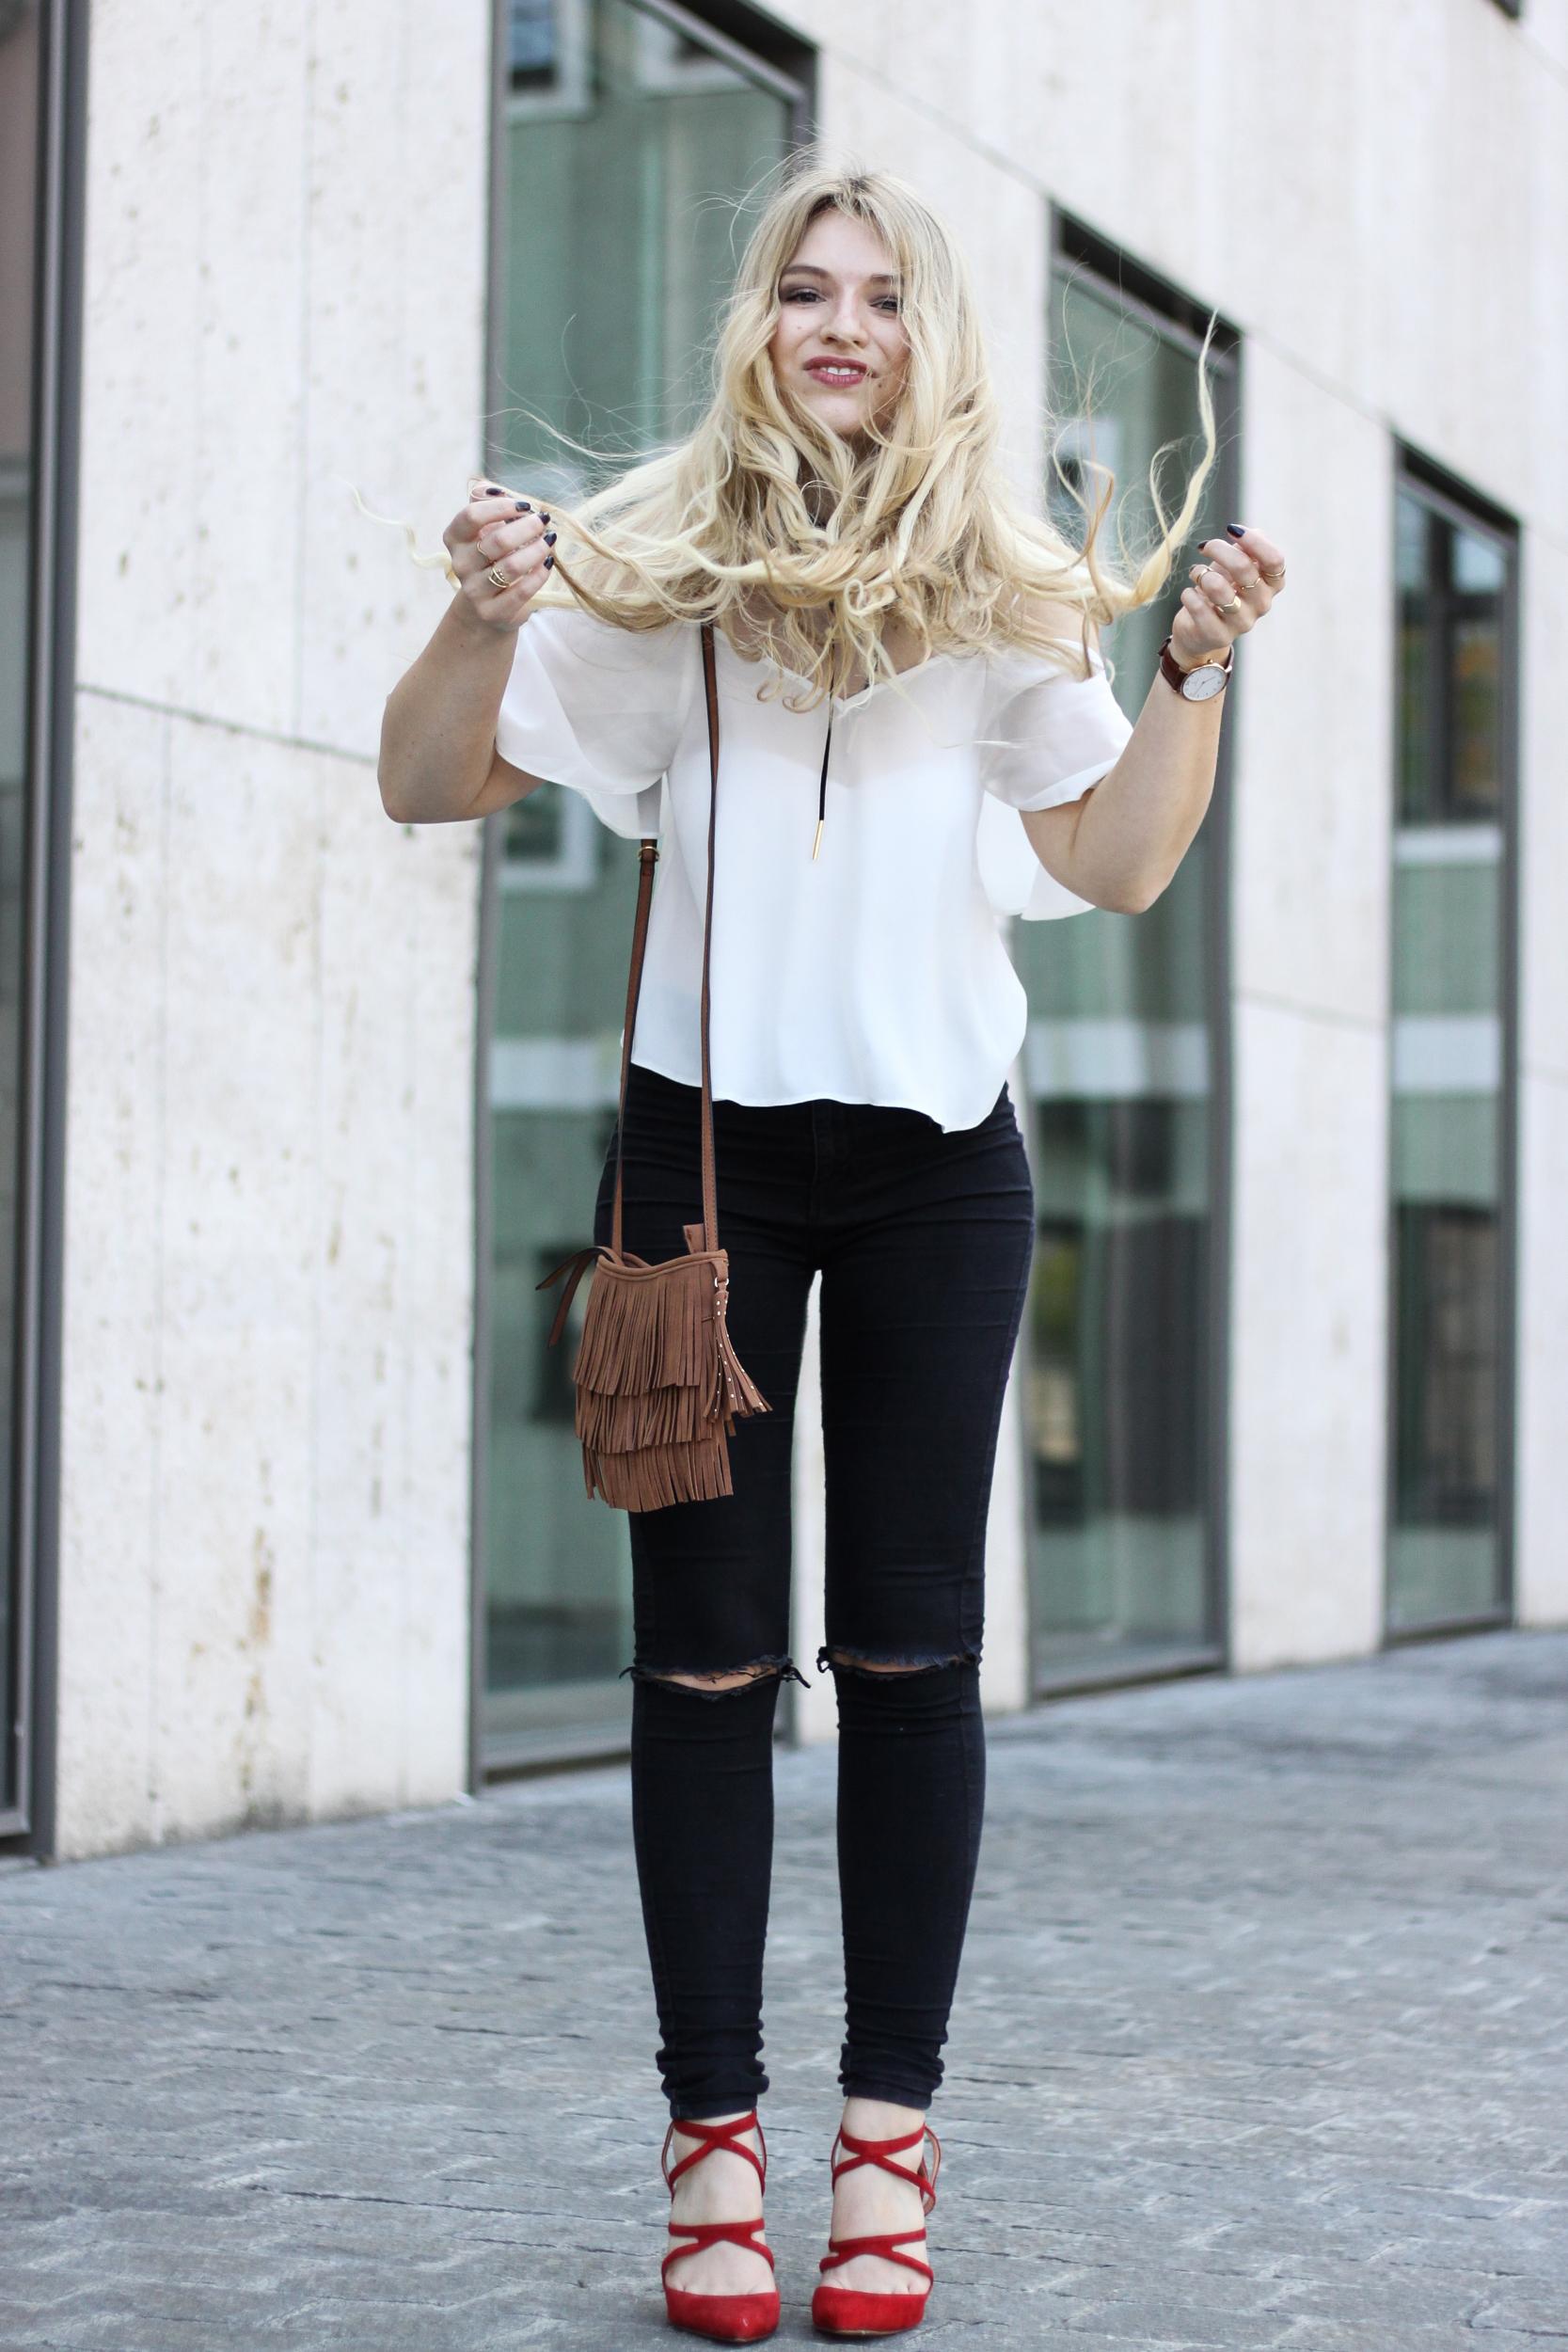 franziska-elea-blogger-aus-muenchen-fashionblog-mode-blog-streetstyle-rote-high-heels-zara-pumps-rot-herbst-outtakes-haessliche-fotos-peinliche-bilder